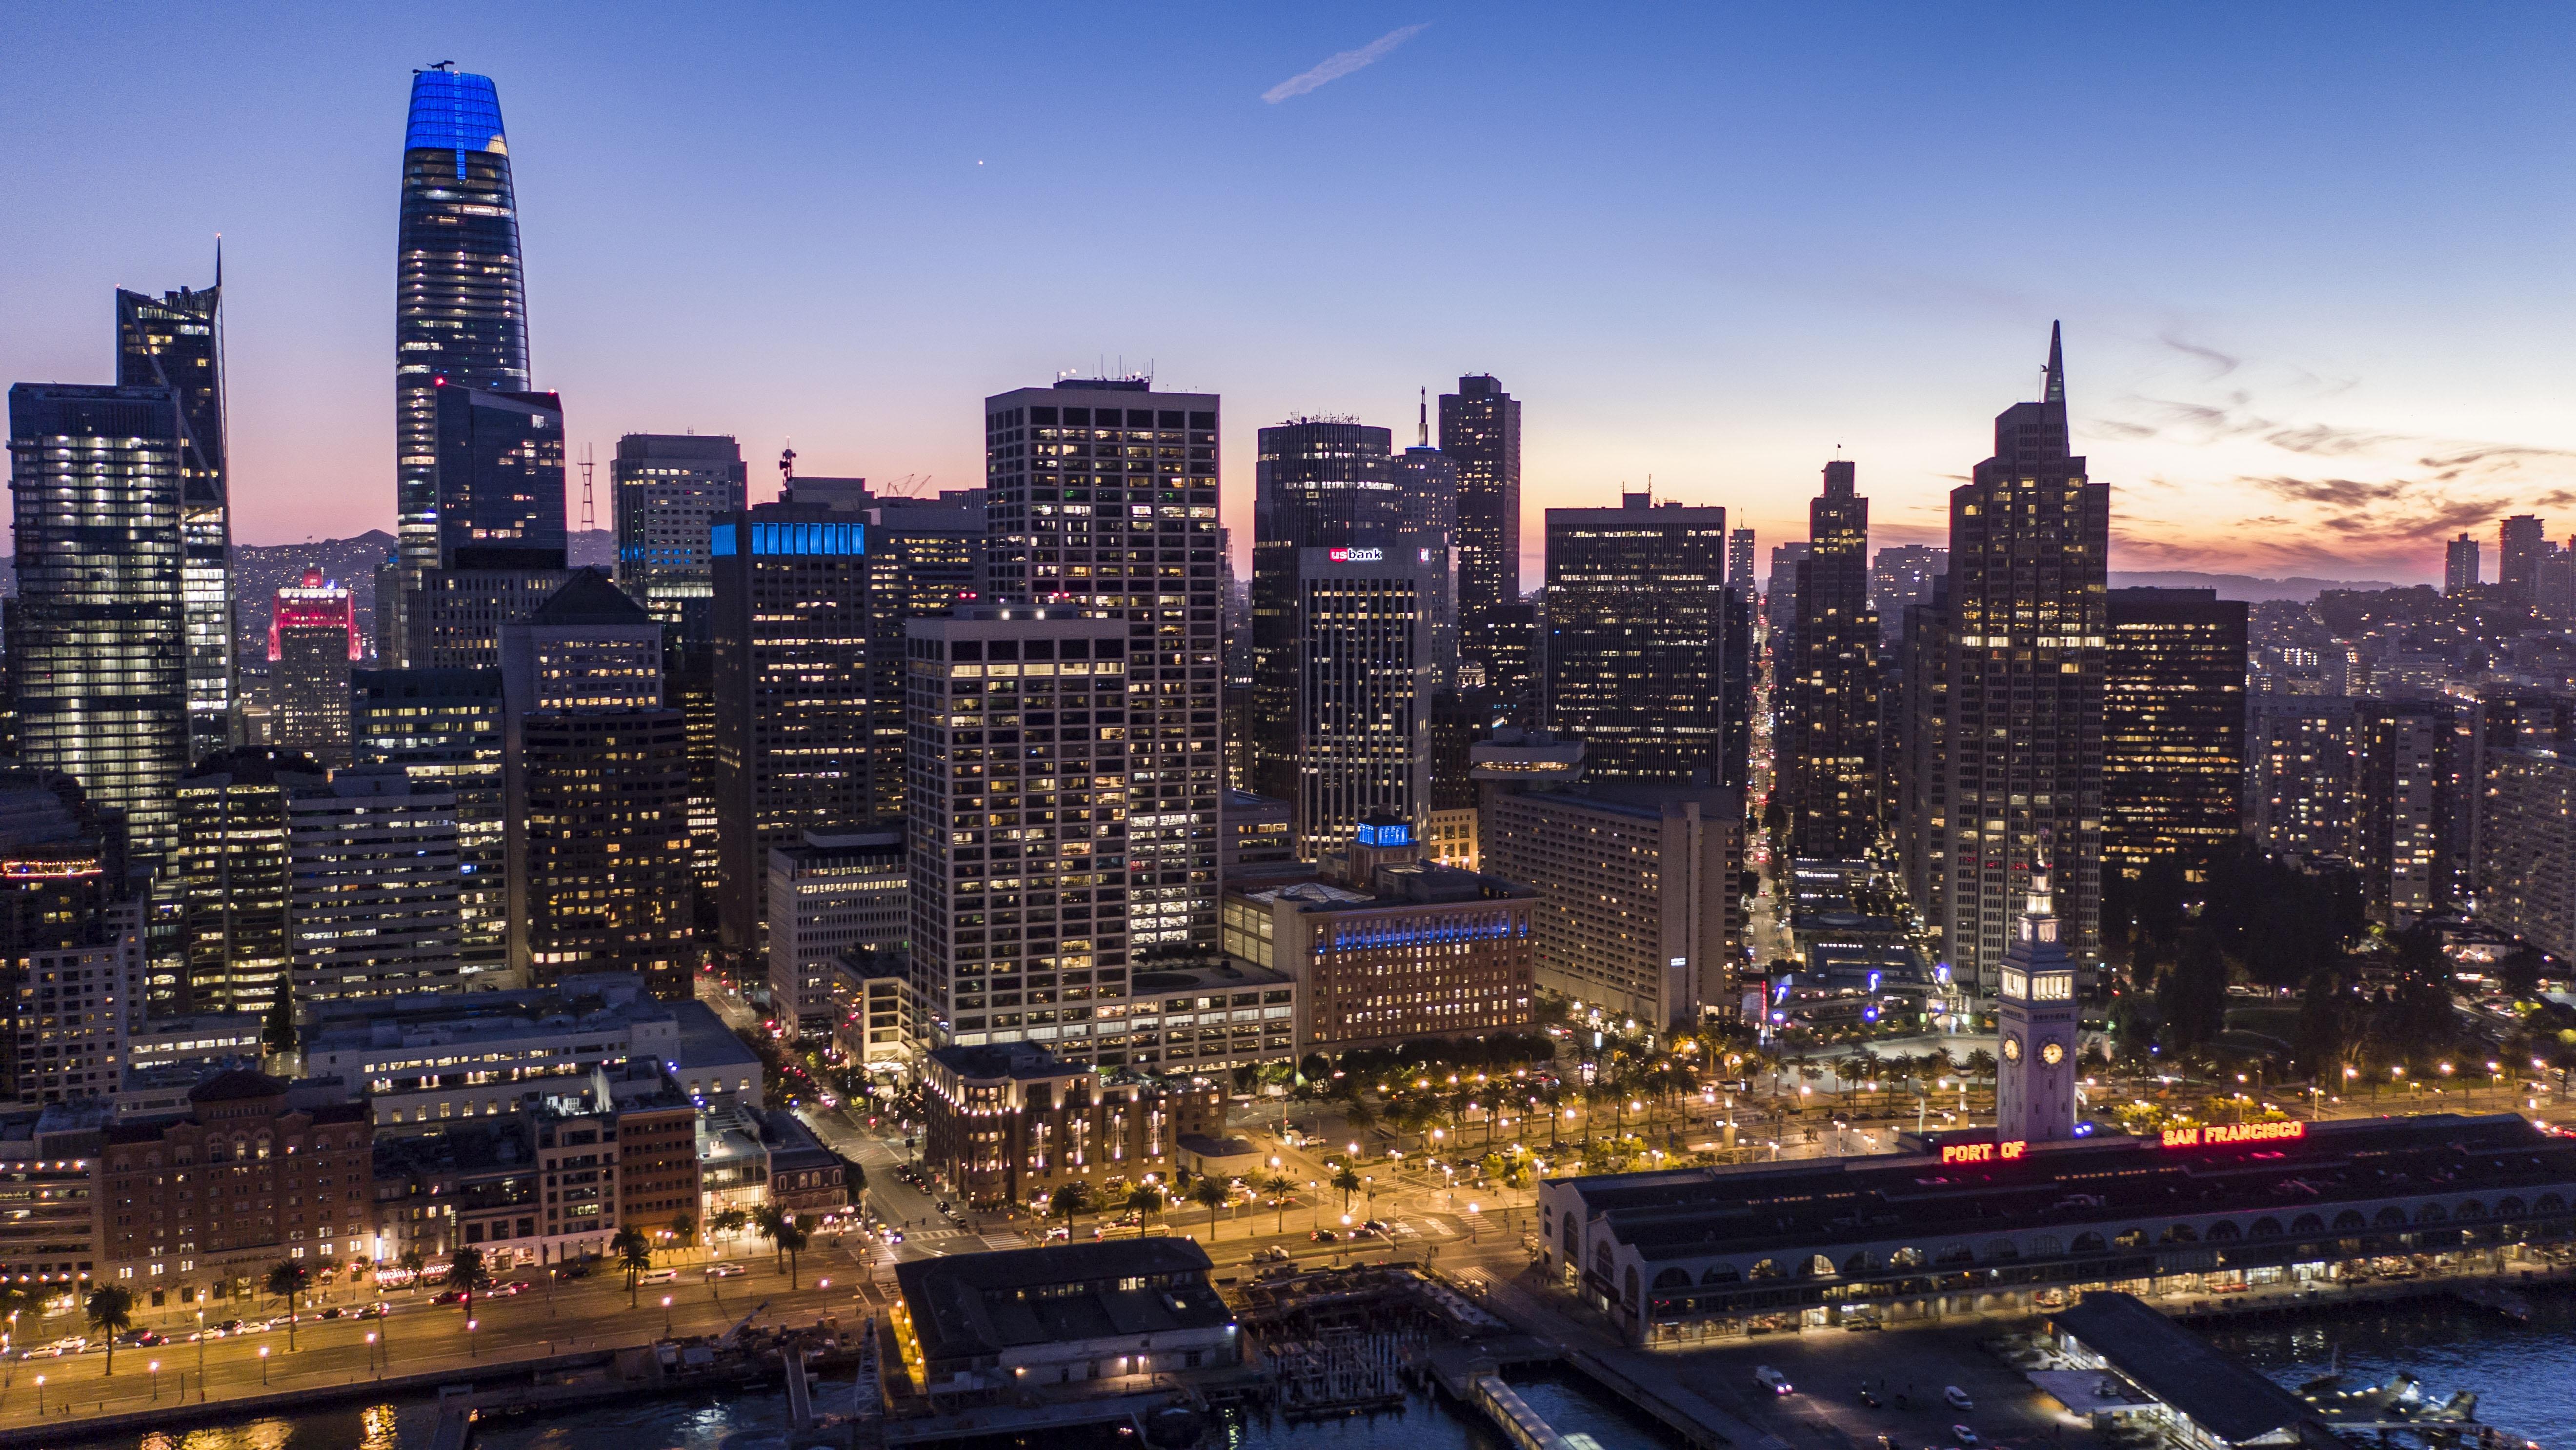 city night buildings